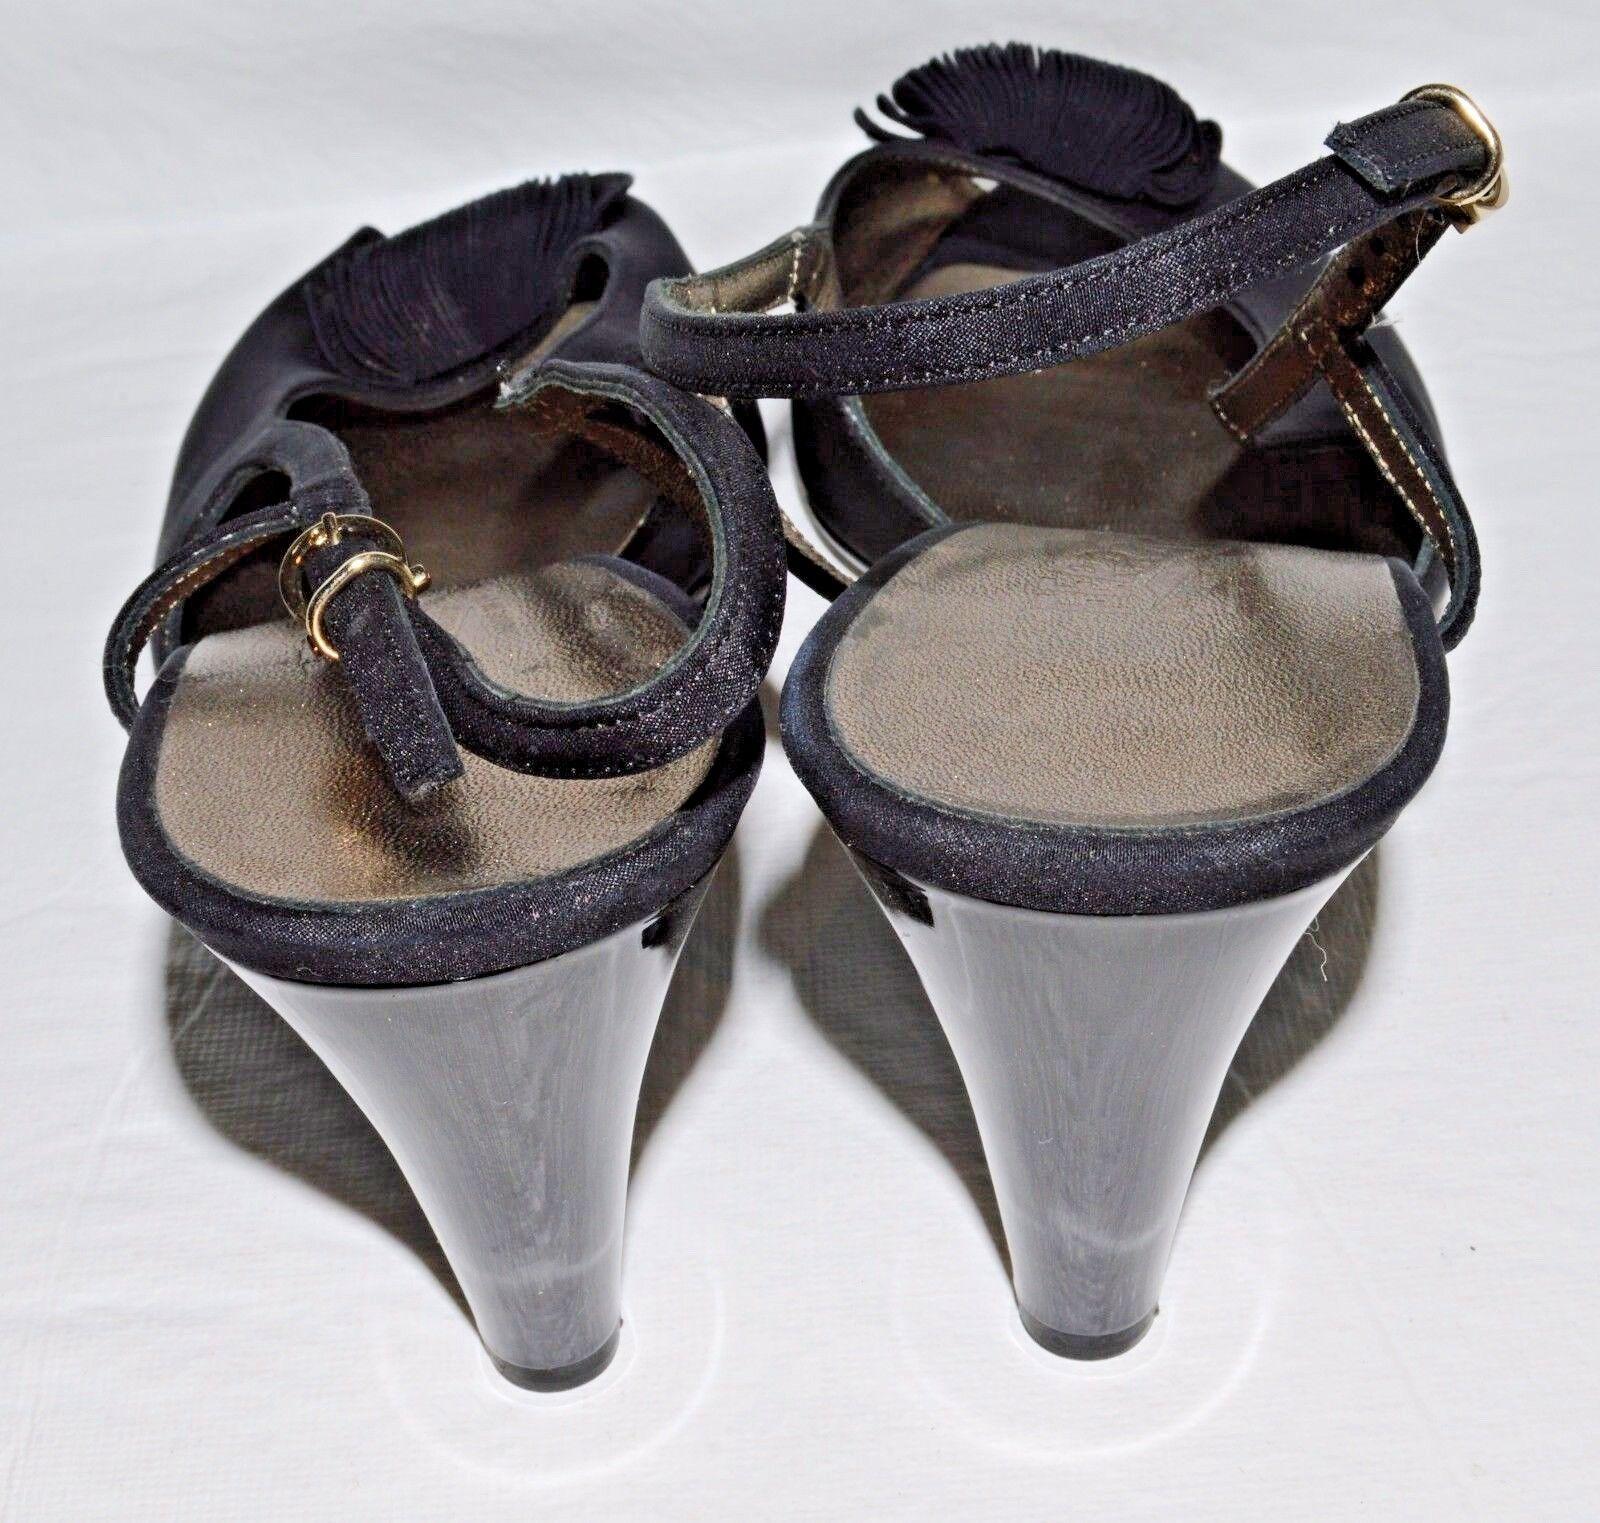 Salvador Ferragamo Vestido 10 B Negro Tela Charol Tacones Vestido Ferragamo Sandalias para Italia 971a9a